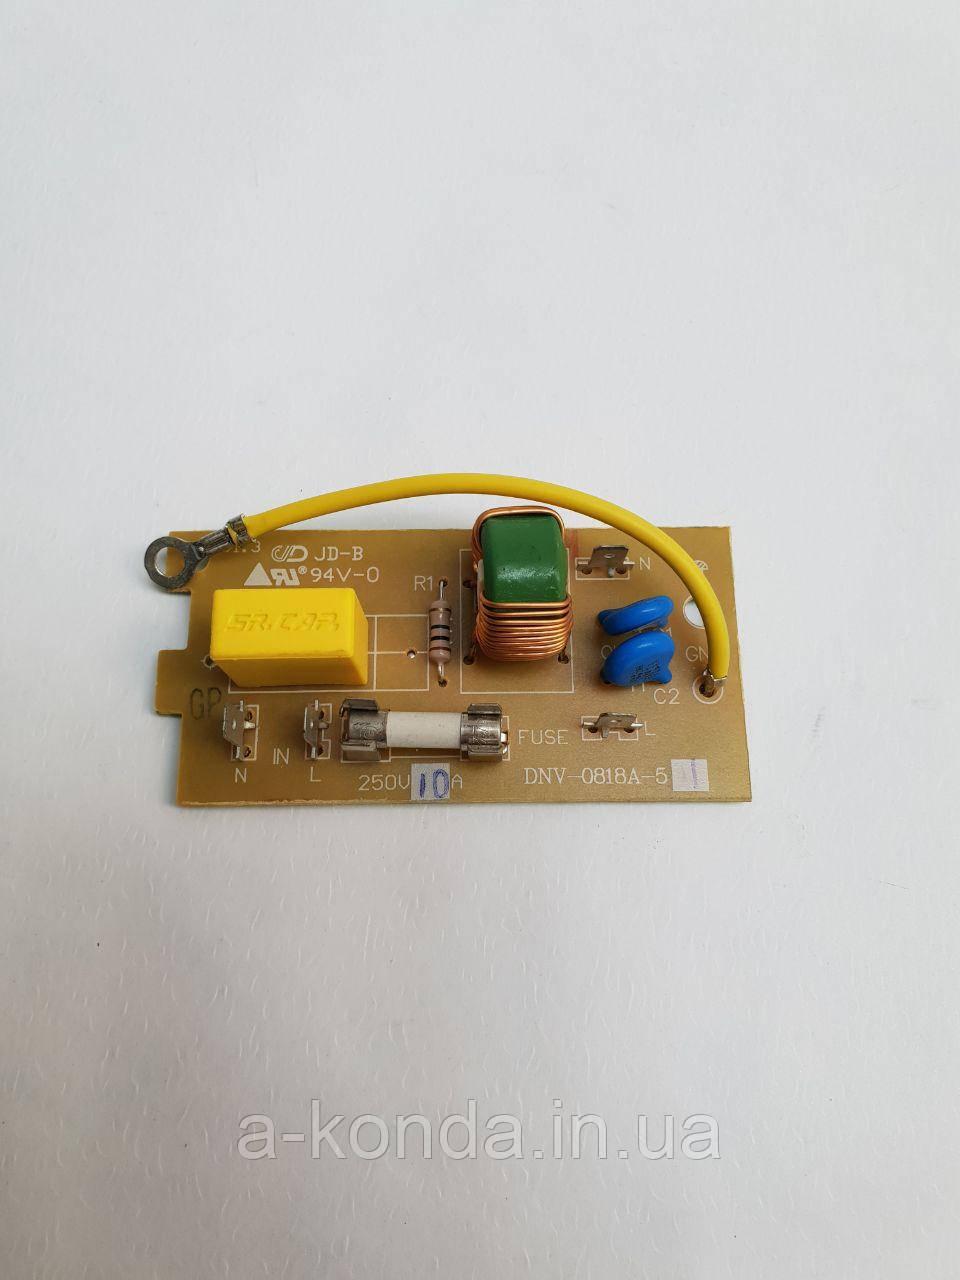 Плата управления для микроволновки Zelmer 00755611 629201.0046